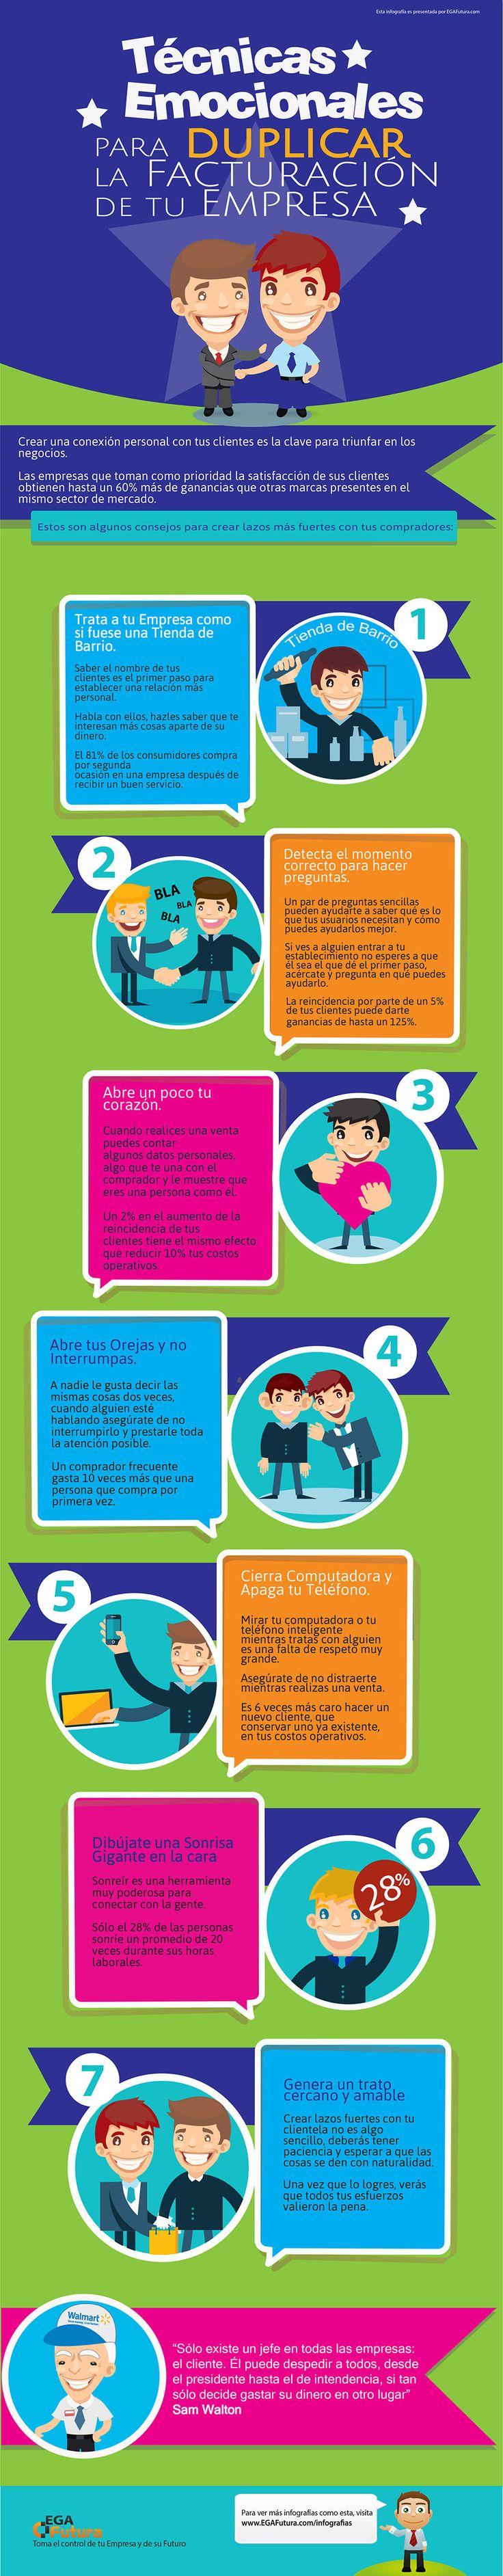 Infografía sobre cómo crear lazos emocionales con los clientes.